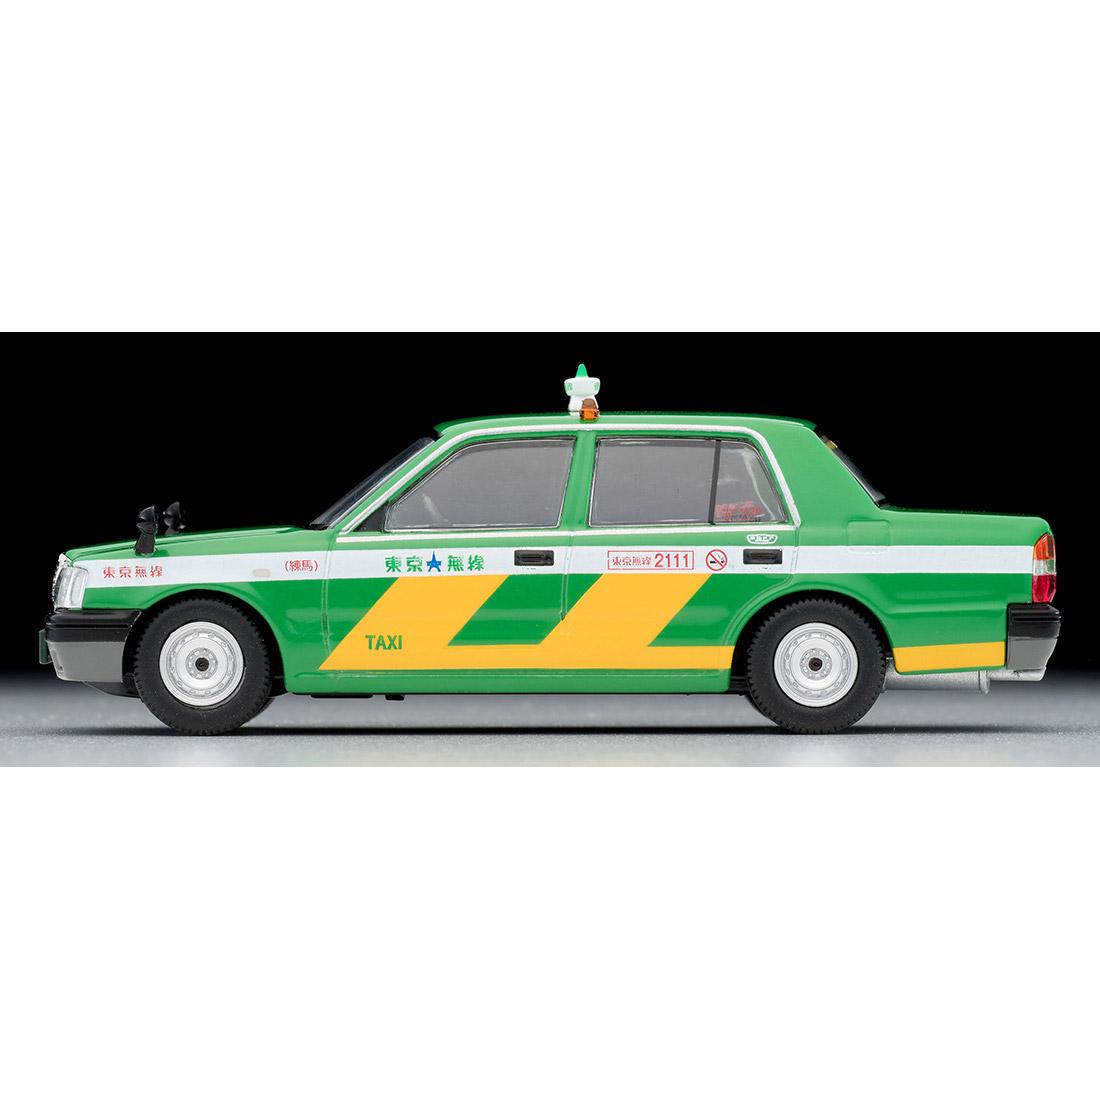 トミカリミテッド ヴィンテージ ネオ TLV-NEO『LV-N218a トヨタ クラウンコンフォート 東京無線タクシー(緑)』1/64 ミニカー-005